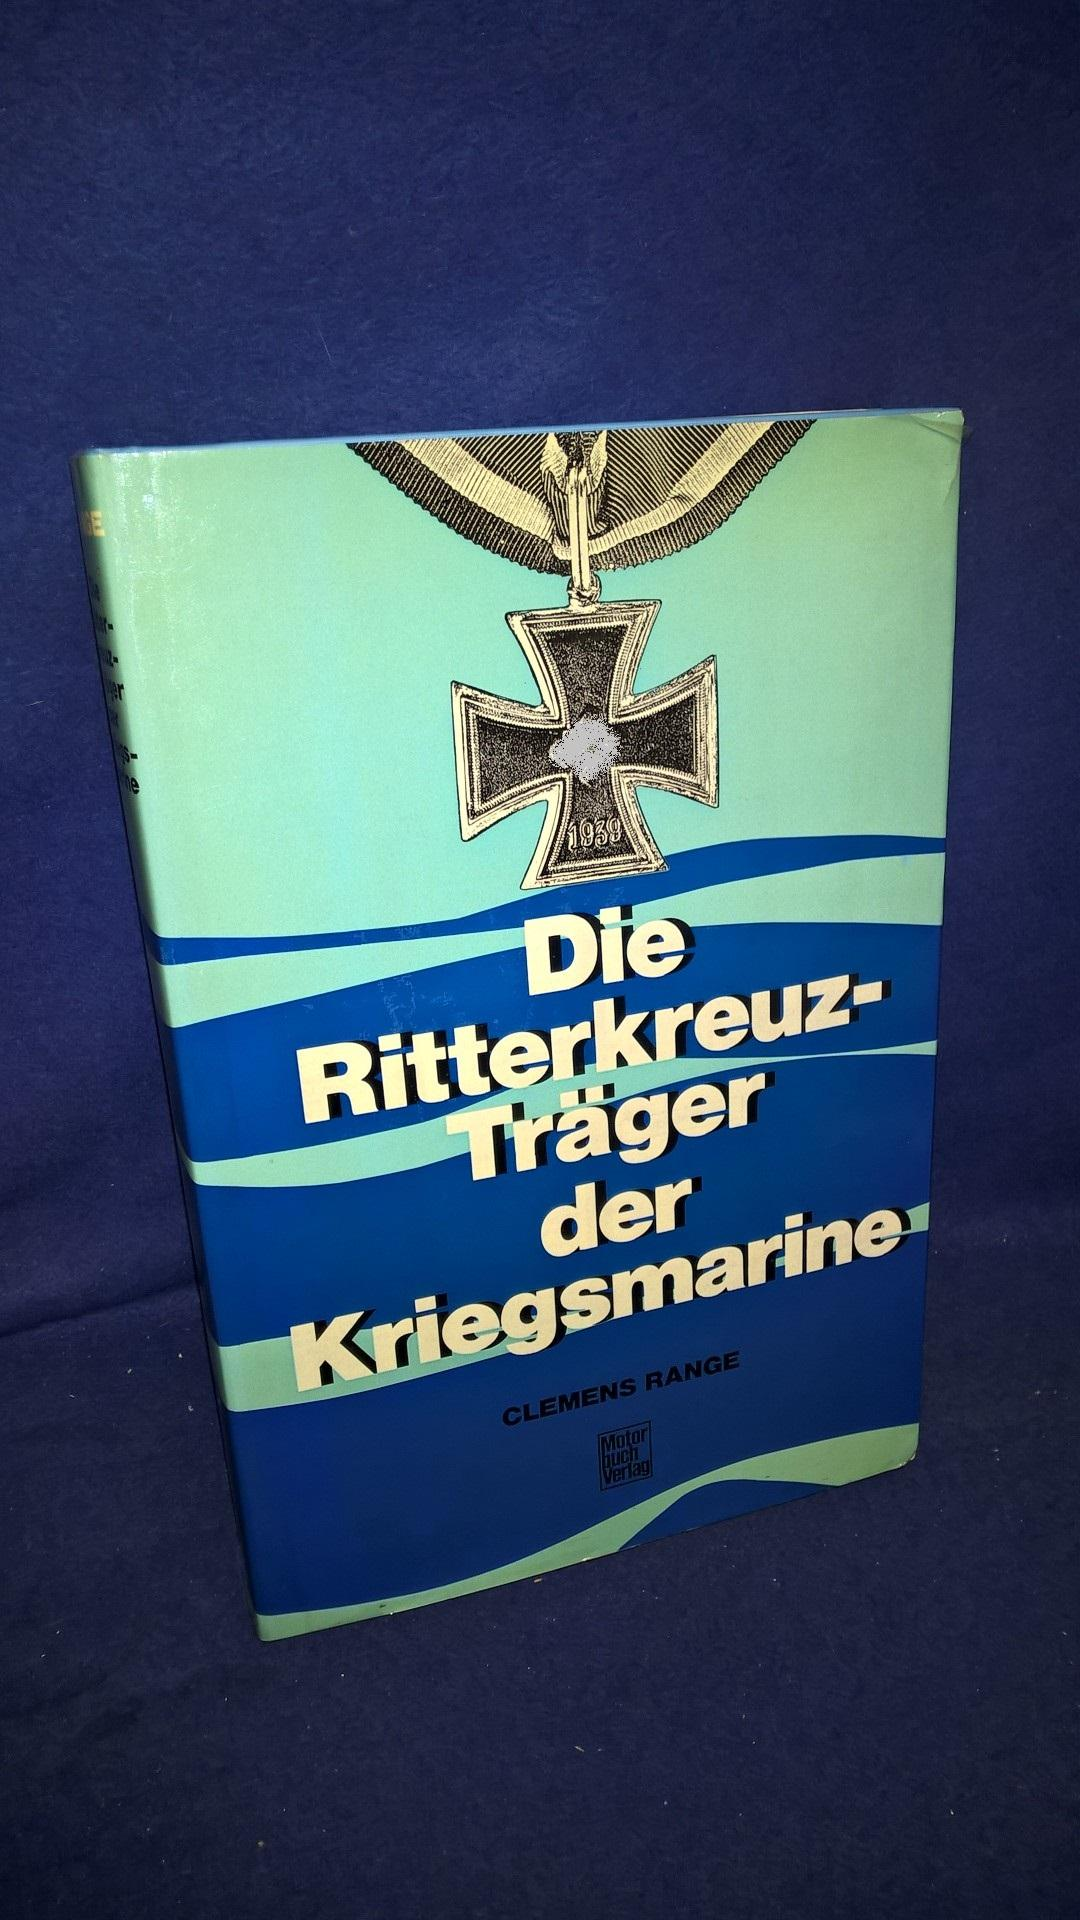 Die Ritterkreuzträger der Kriegsmarine.